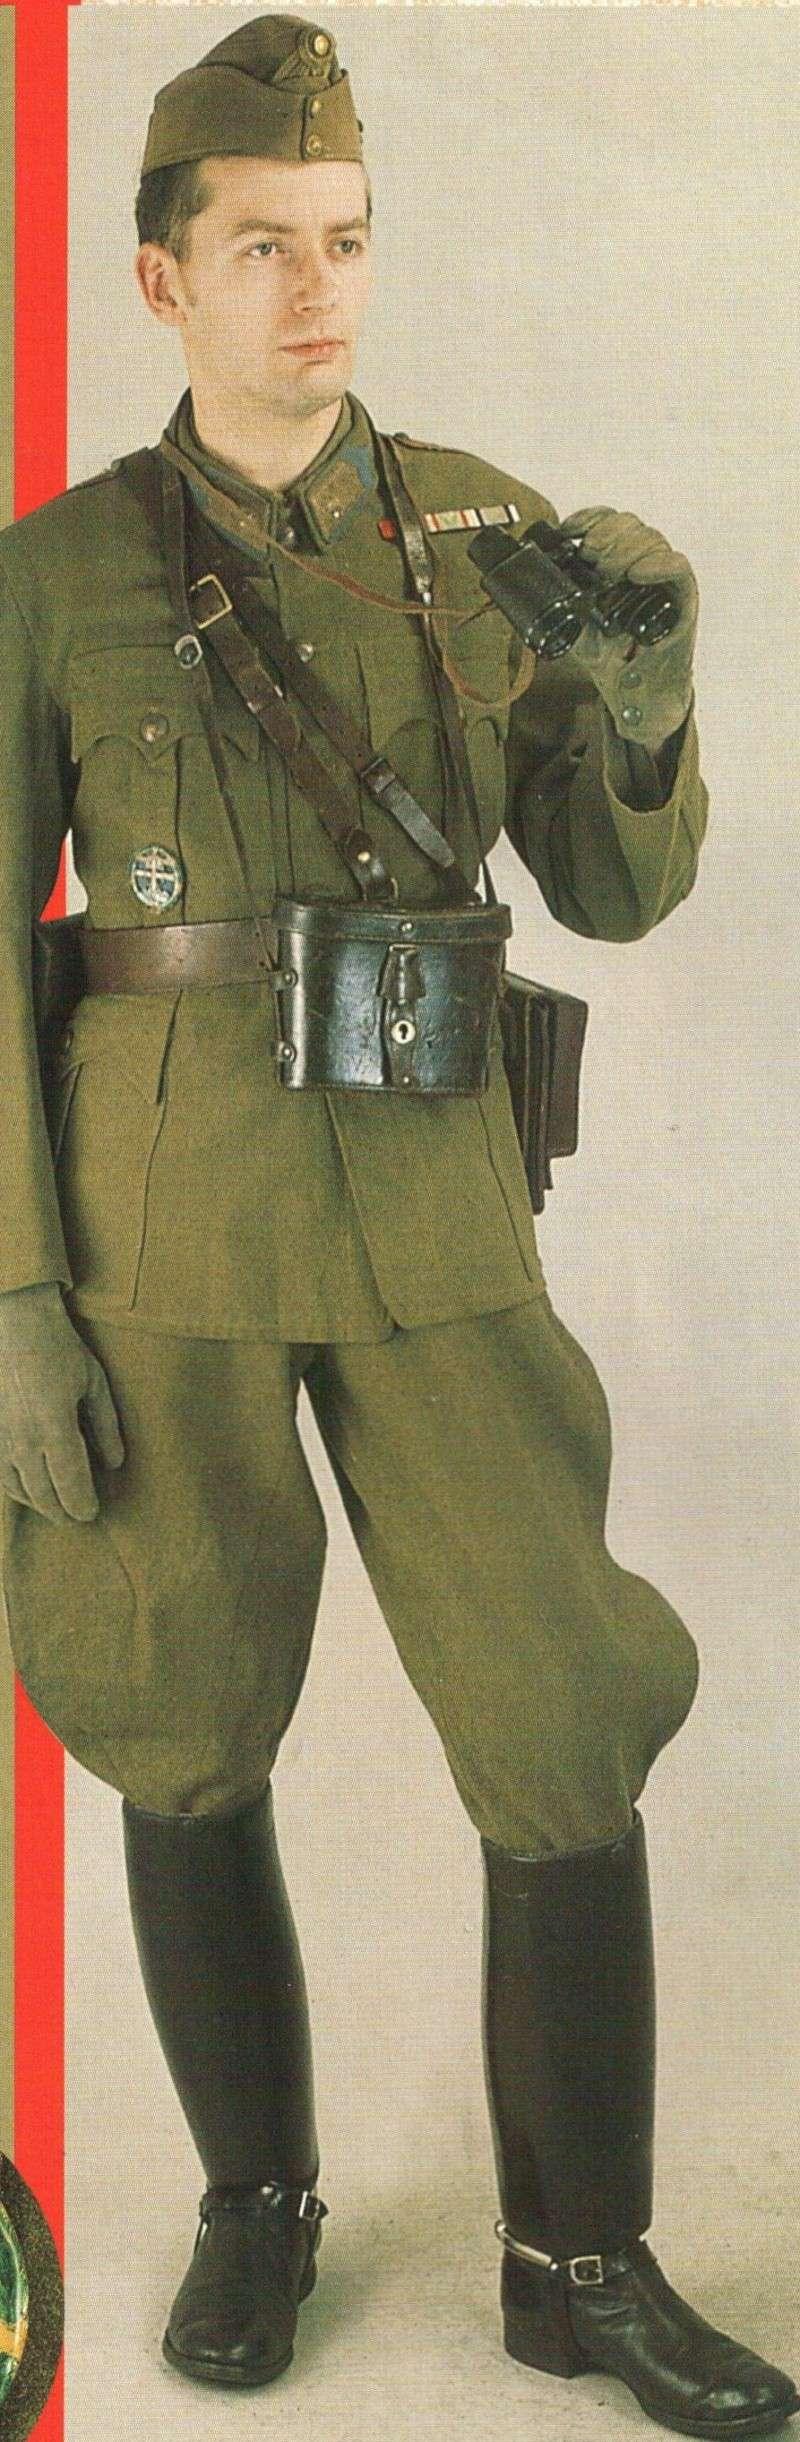 Pervomaysk 16 août 1941 : les huszar chargent 00247